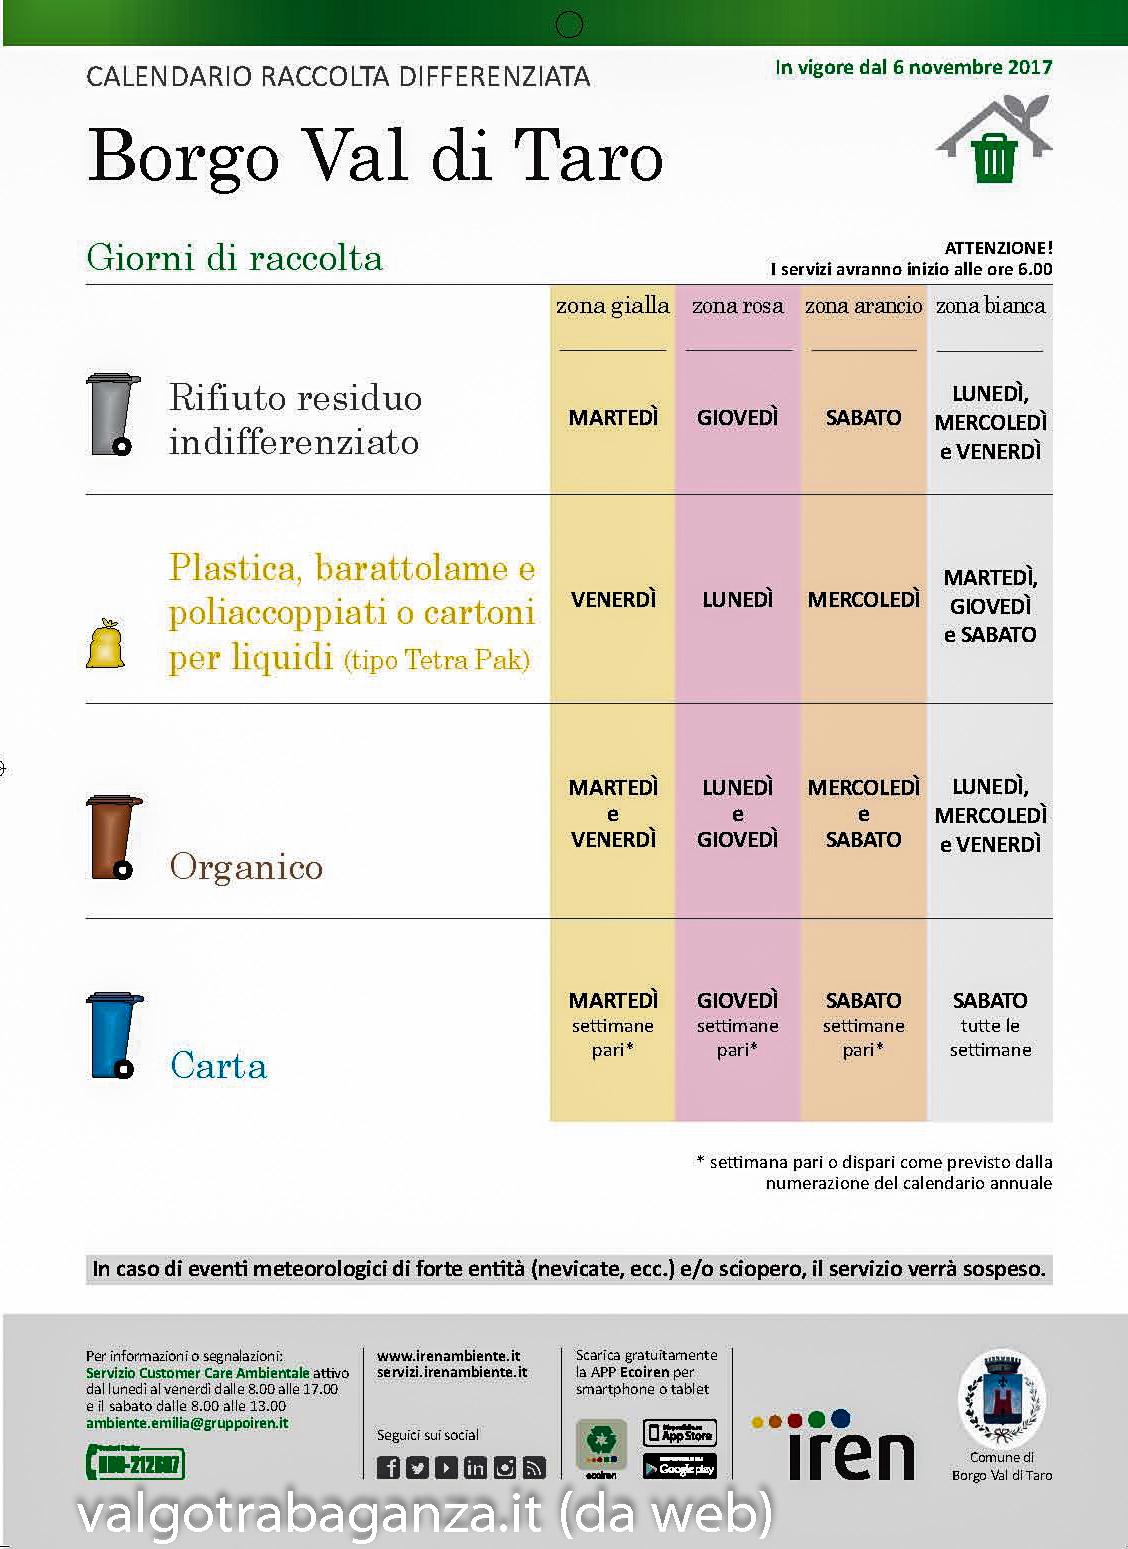 Caledario e opuscolo: Informazioni sulla raccolta dei rifiuti